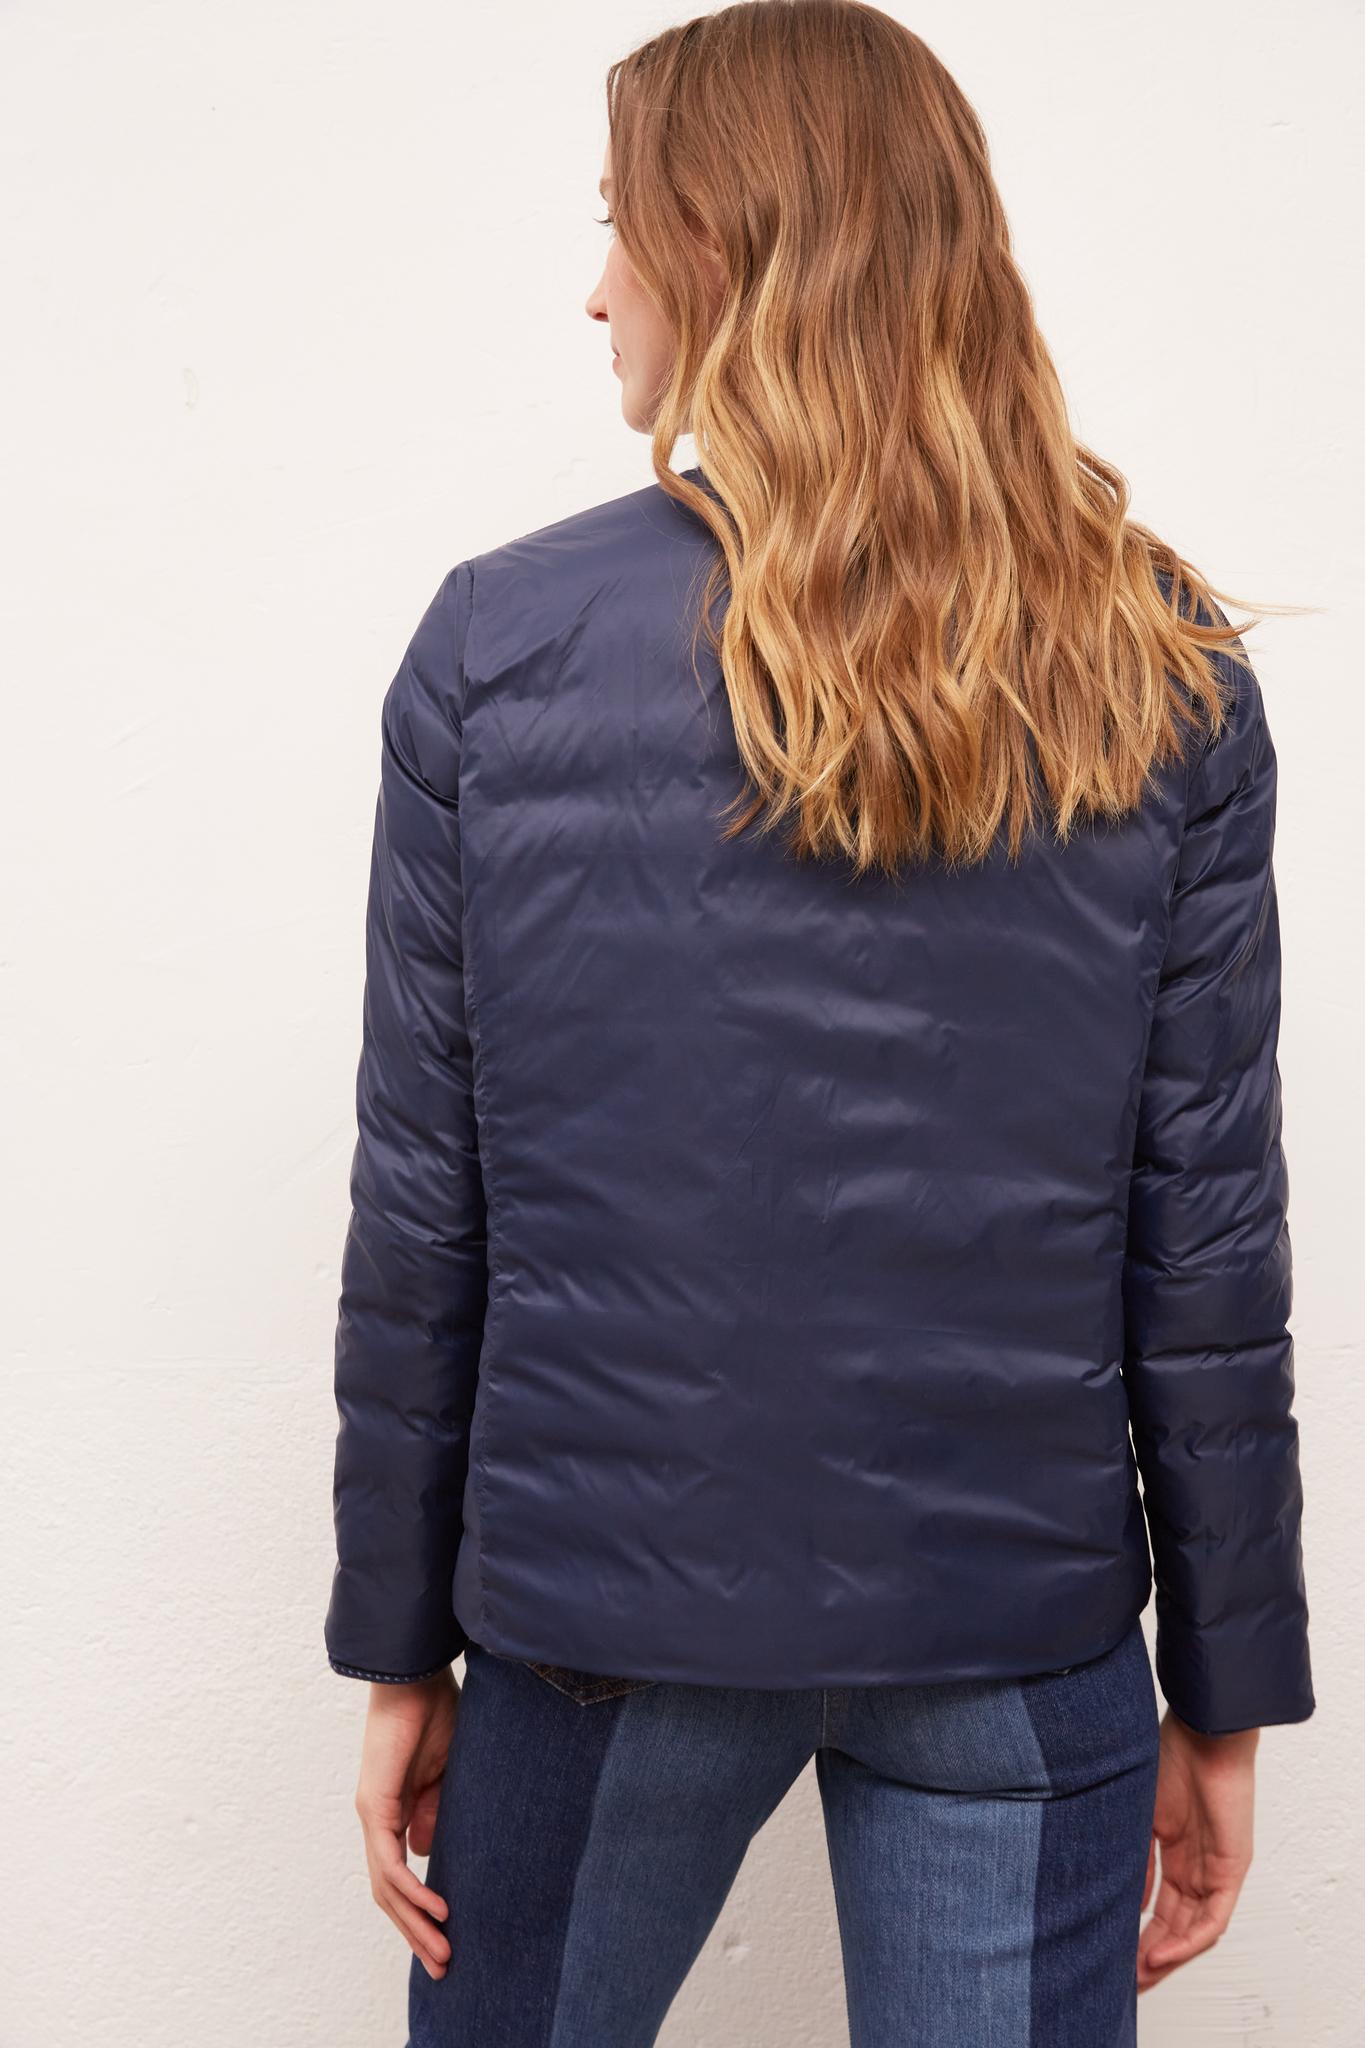 ROMY - лёгкая куртка с анималистичным принтом